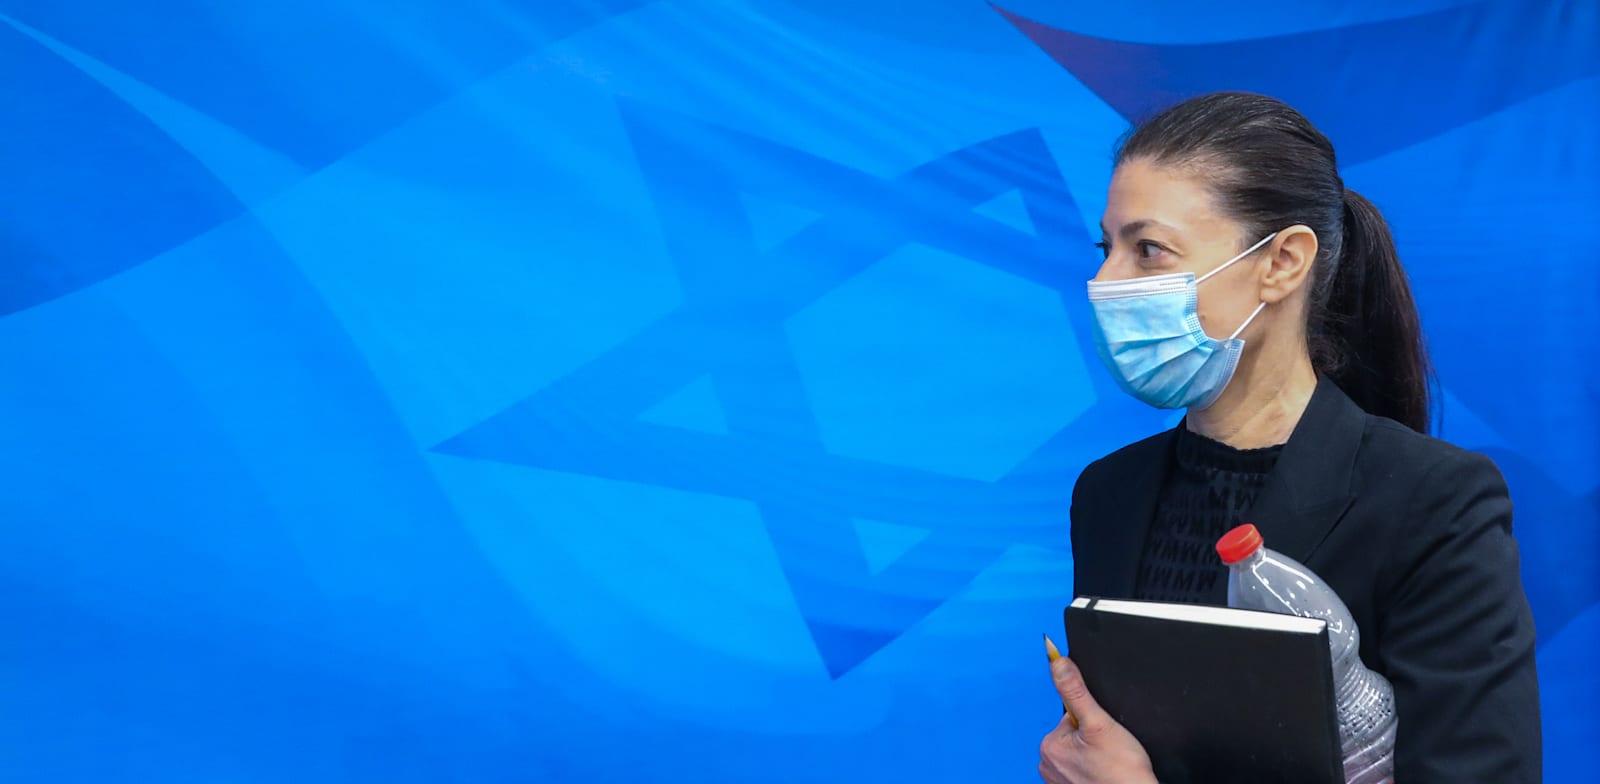 שרת התחבורה מרב מיכאלי / צילום: מארק ישראל סלם - הג'רוזלם פוסט